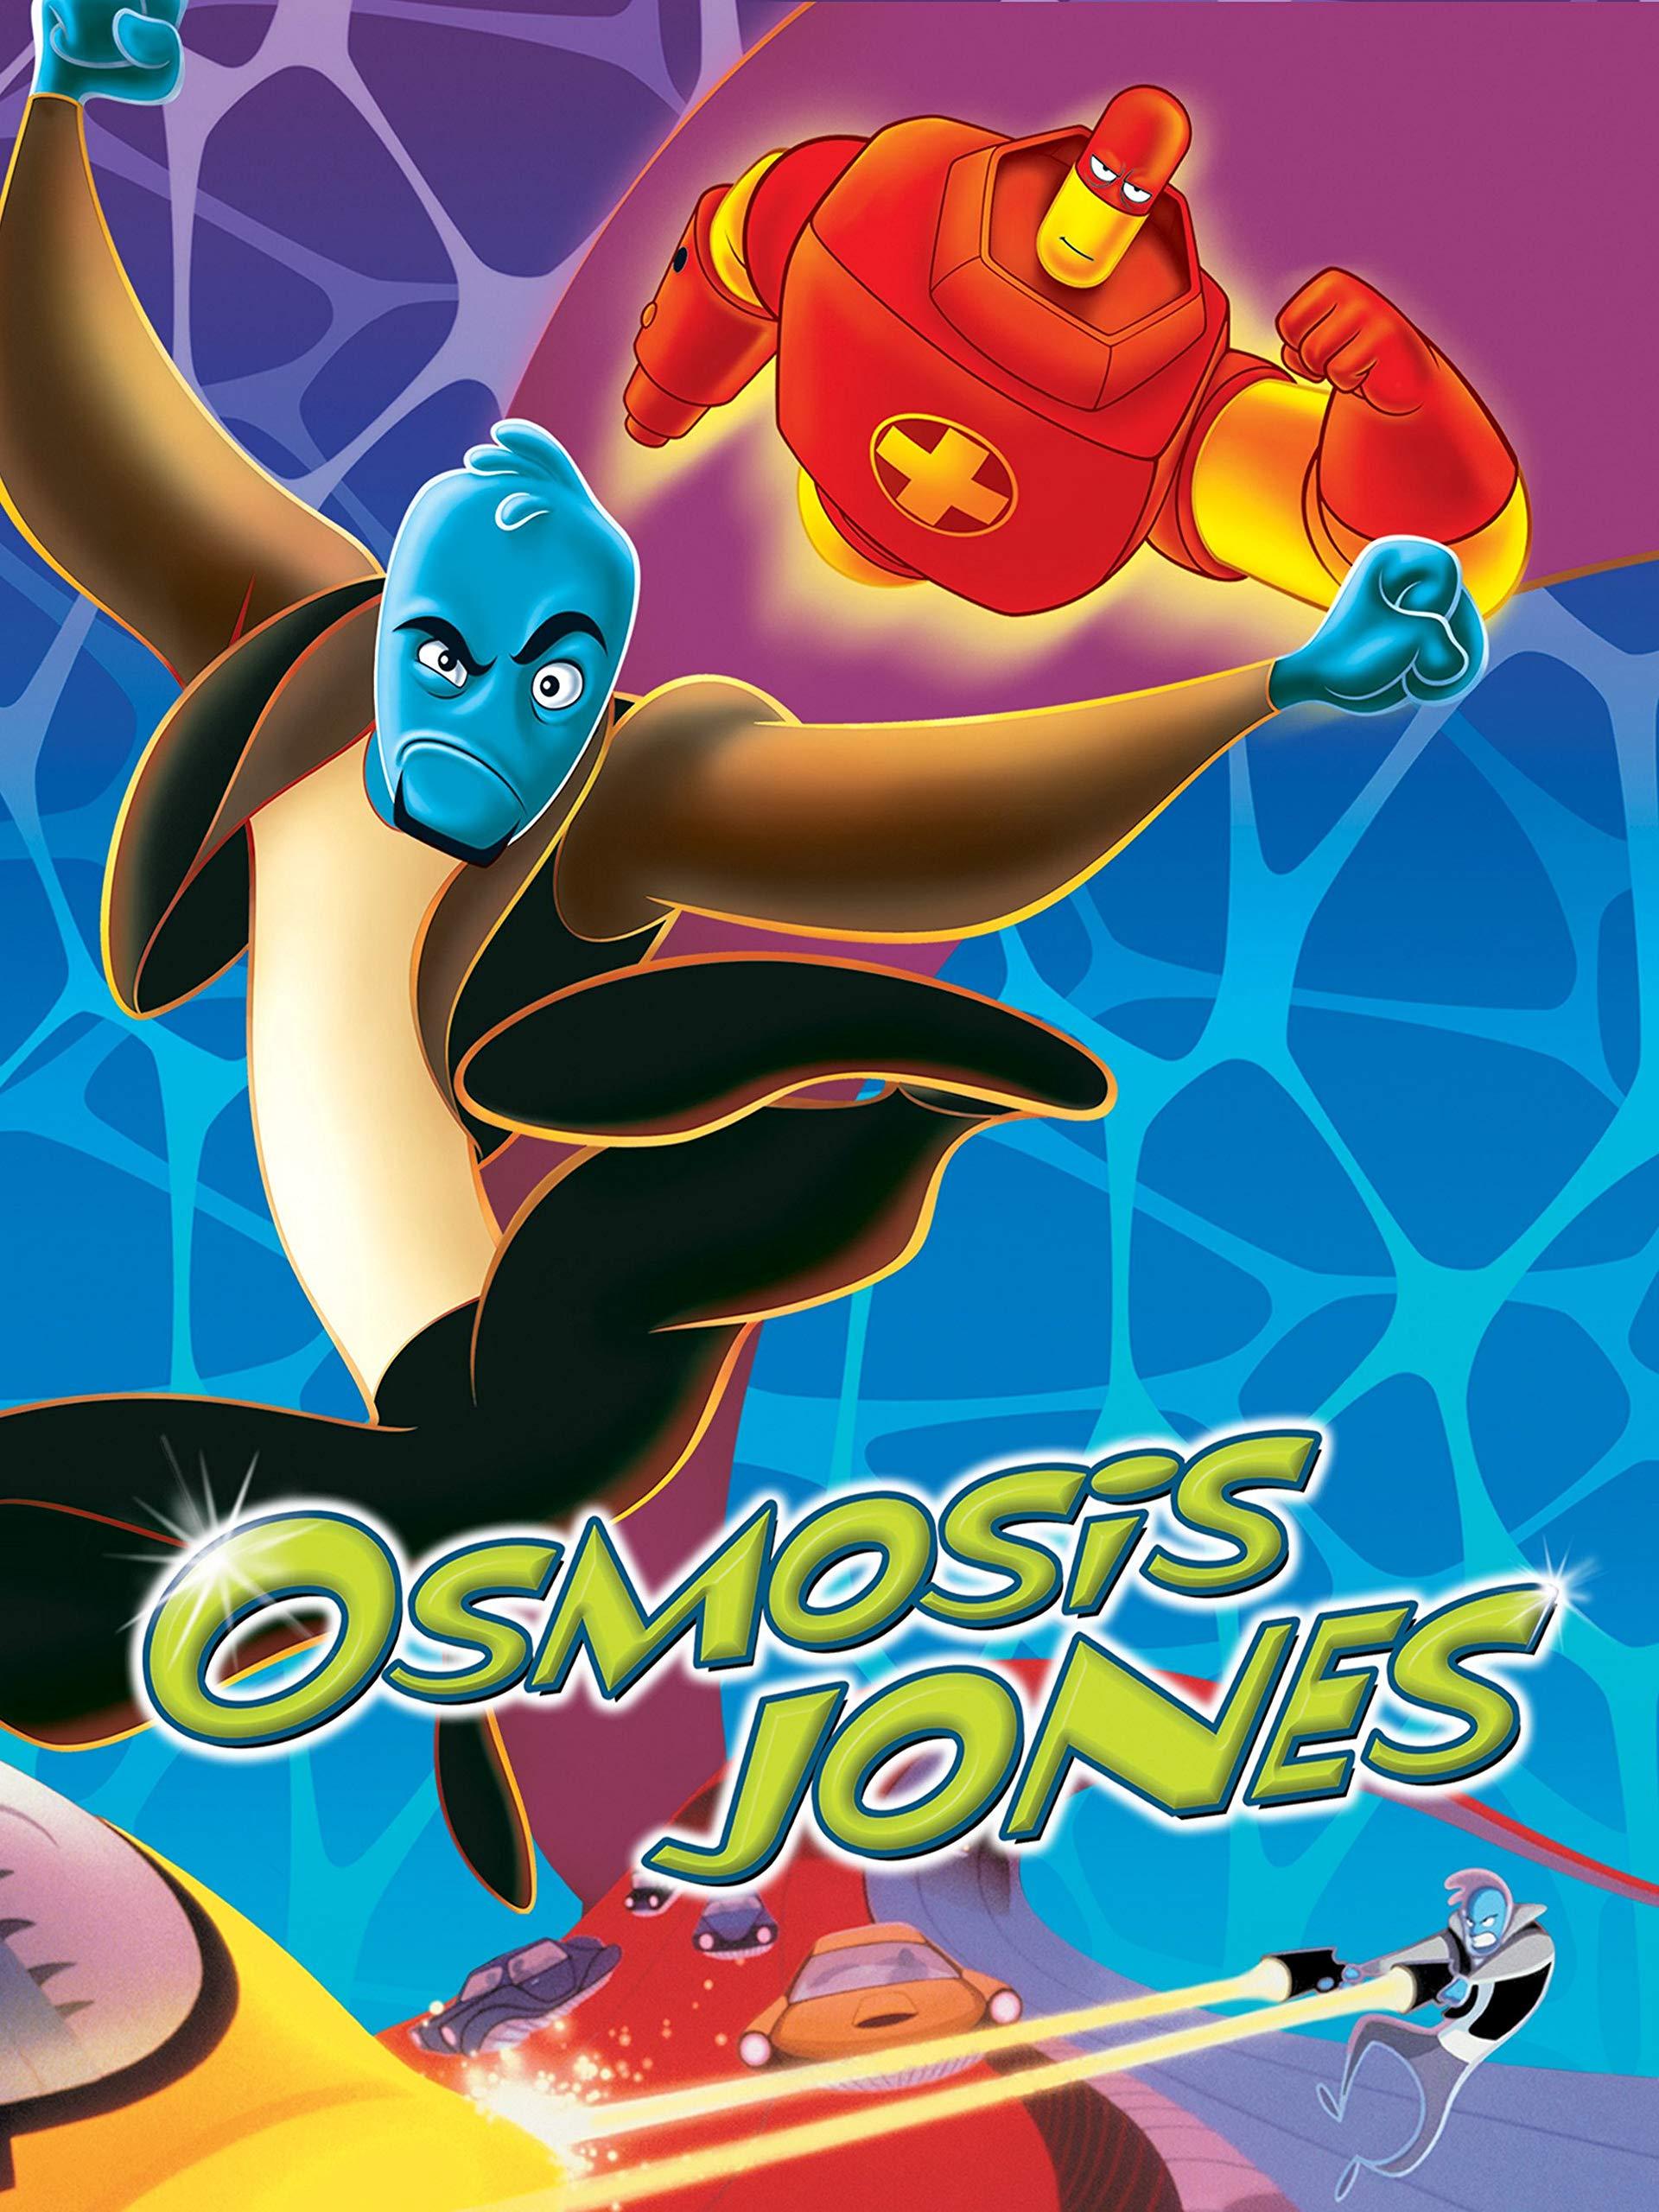 Osmosis Jones on Amazon Prime Video UK